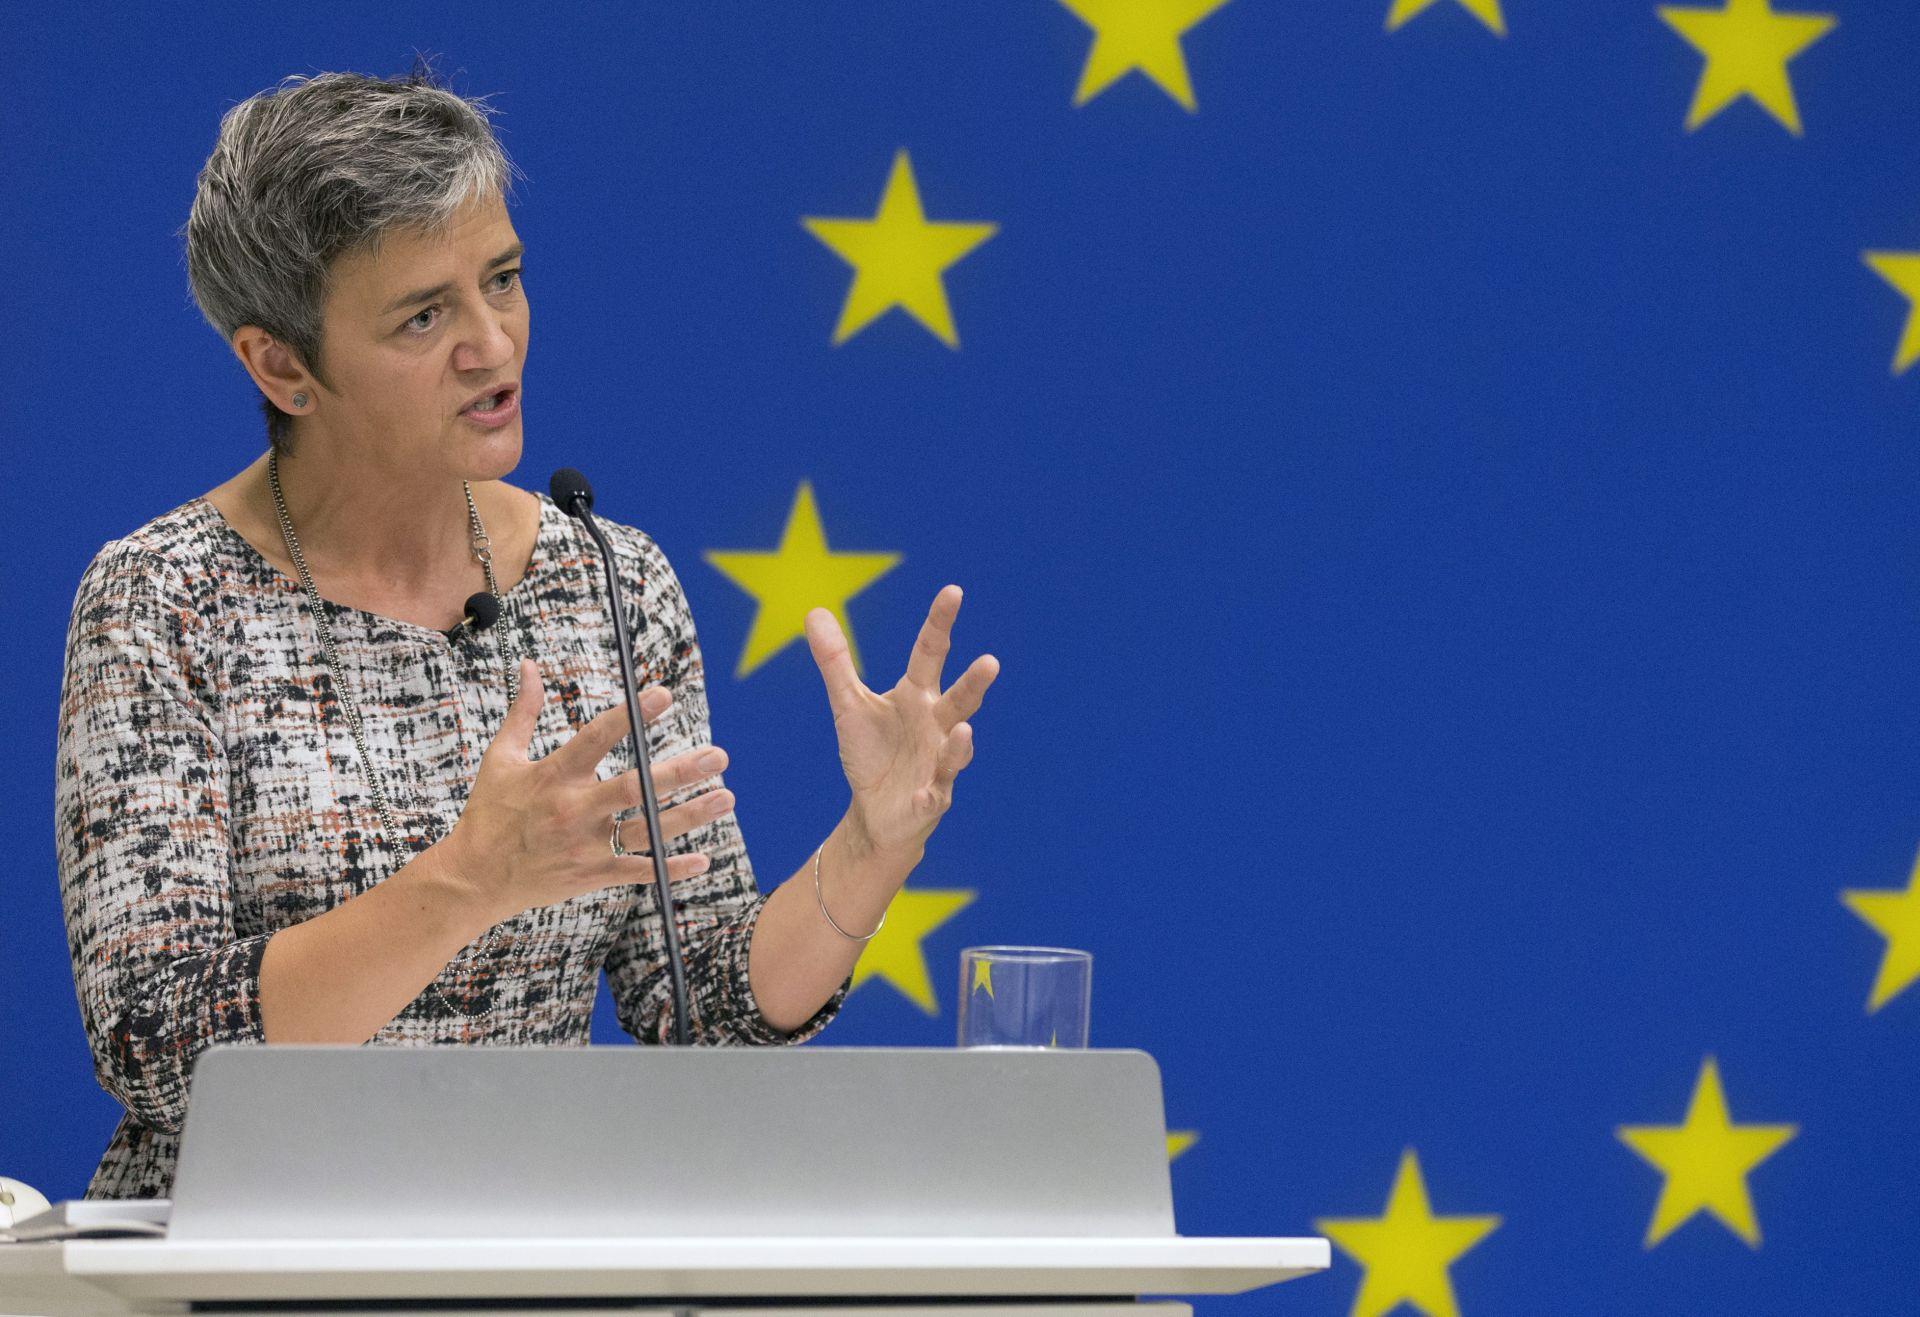 POVJERENICA VESTAGER: EU budno prati dodjelu državne pomoći posrnulim bankama